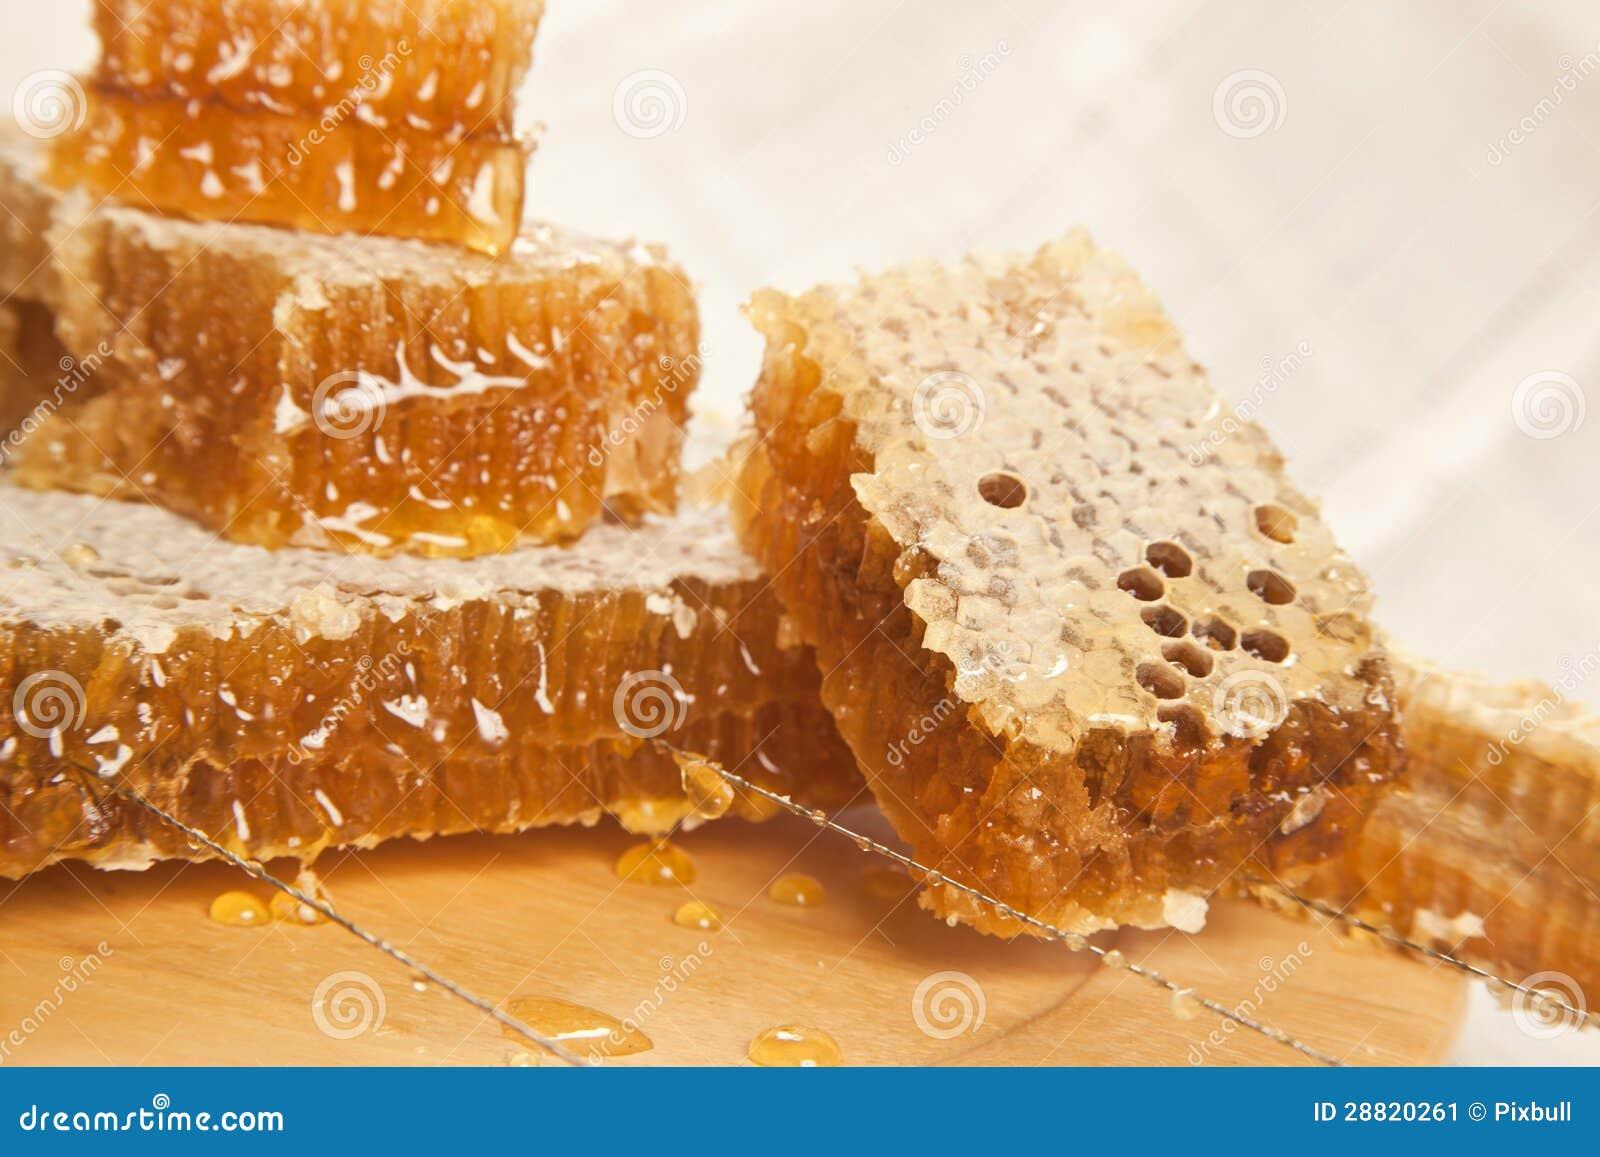 Bienenwaben essen